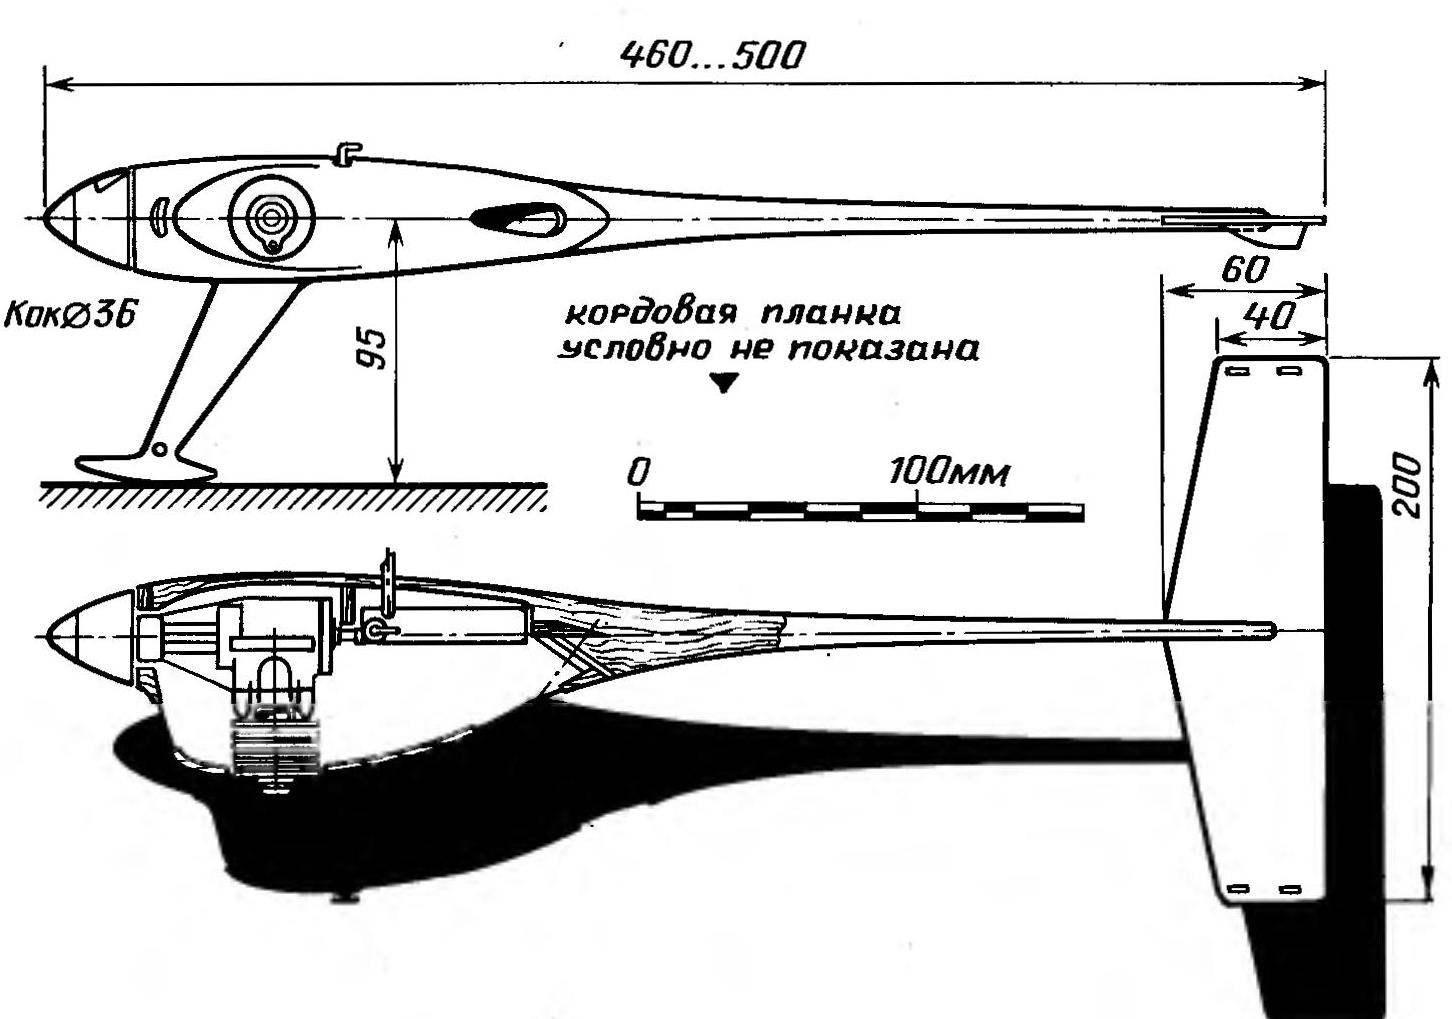 Рис. 1. Компоновочная схема кордовой гоночной модели аэросаней с микродвигателем рабочим объемом 2,5 см3